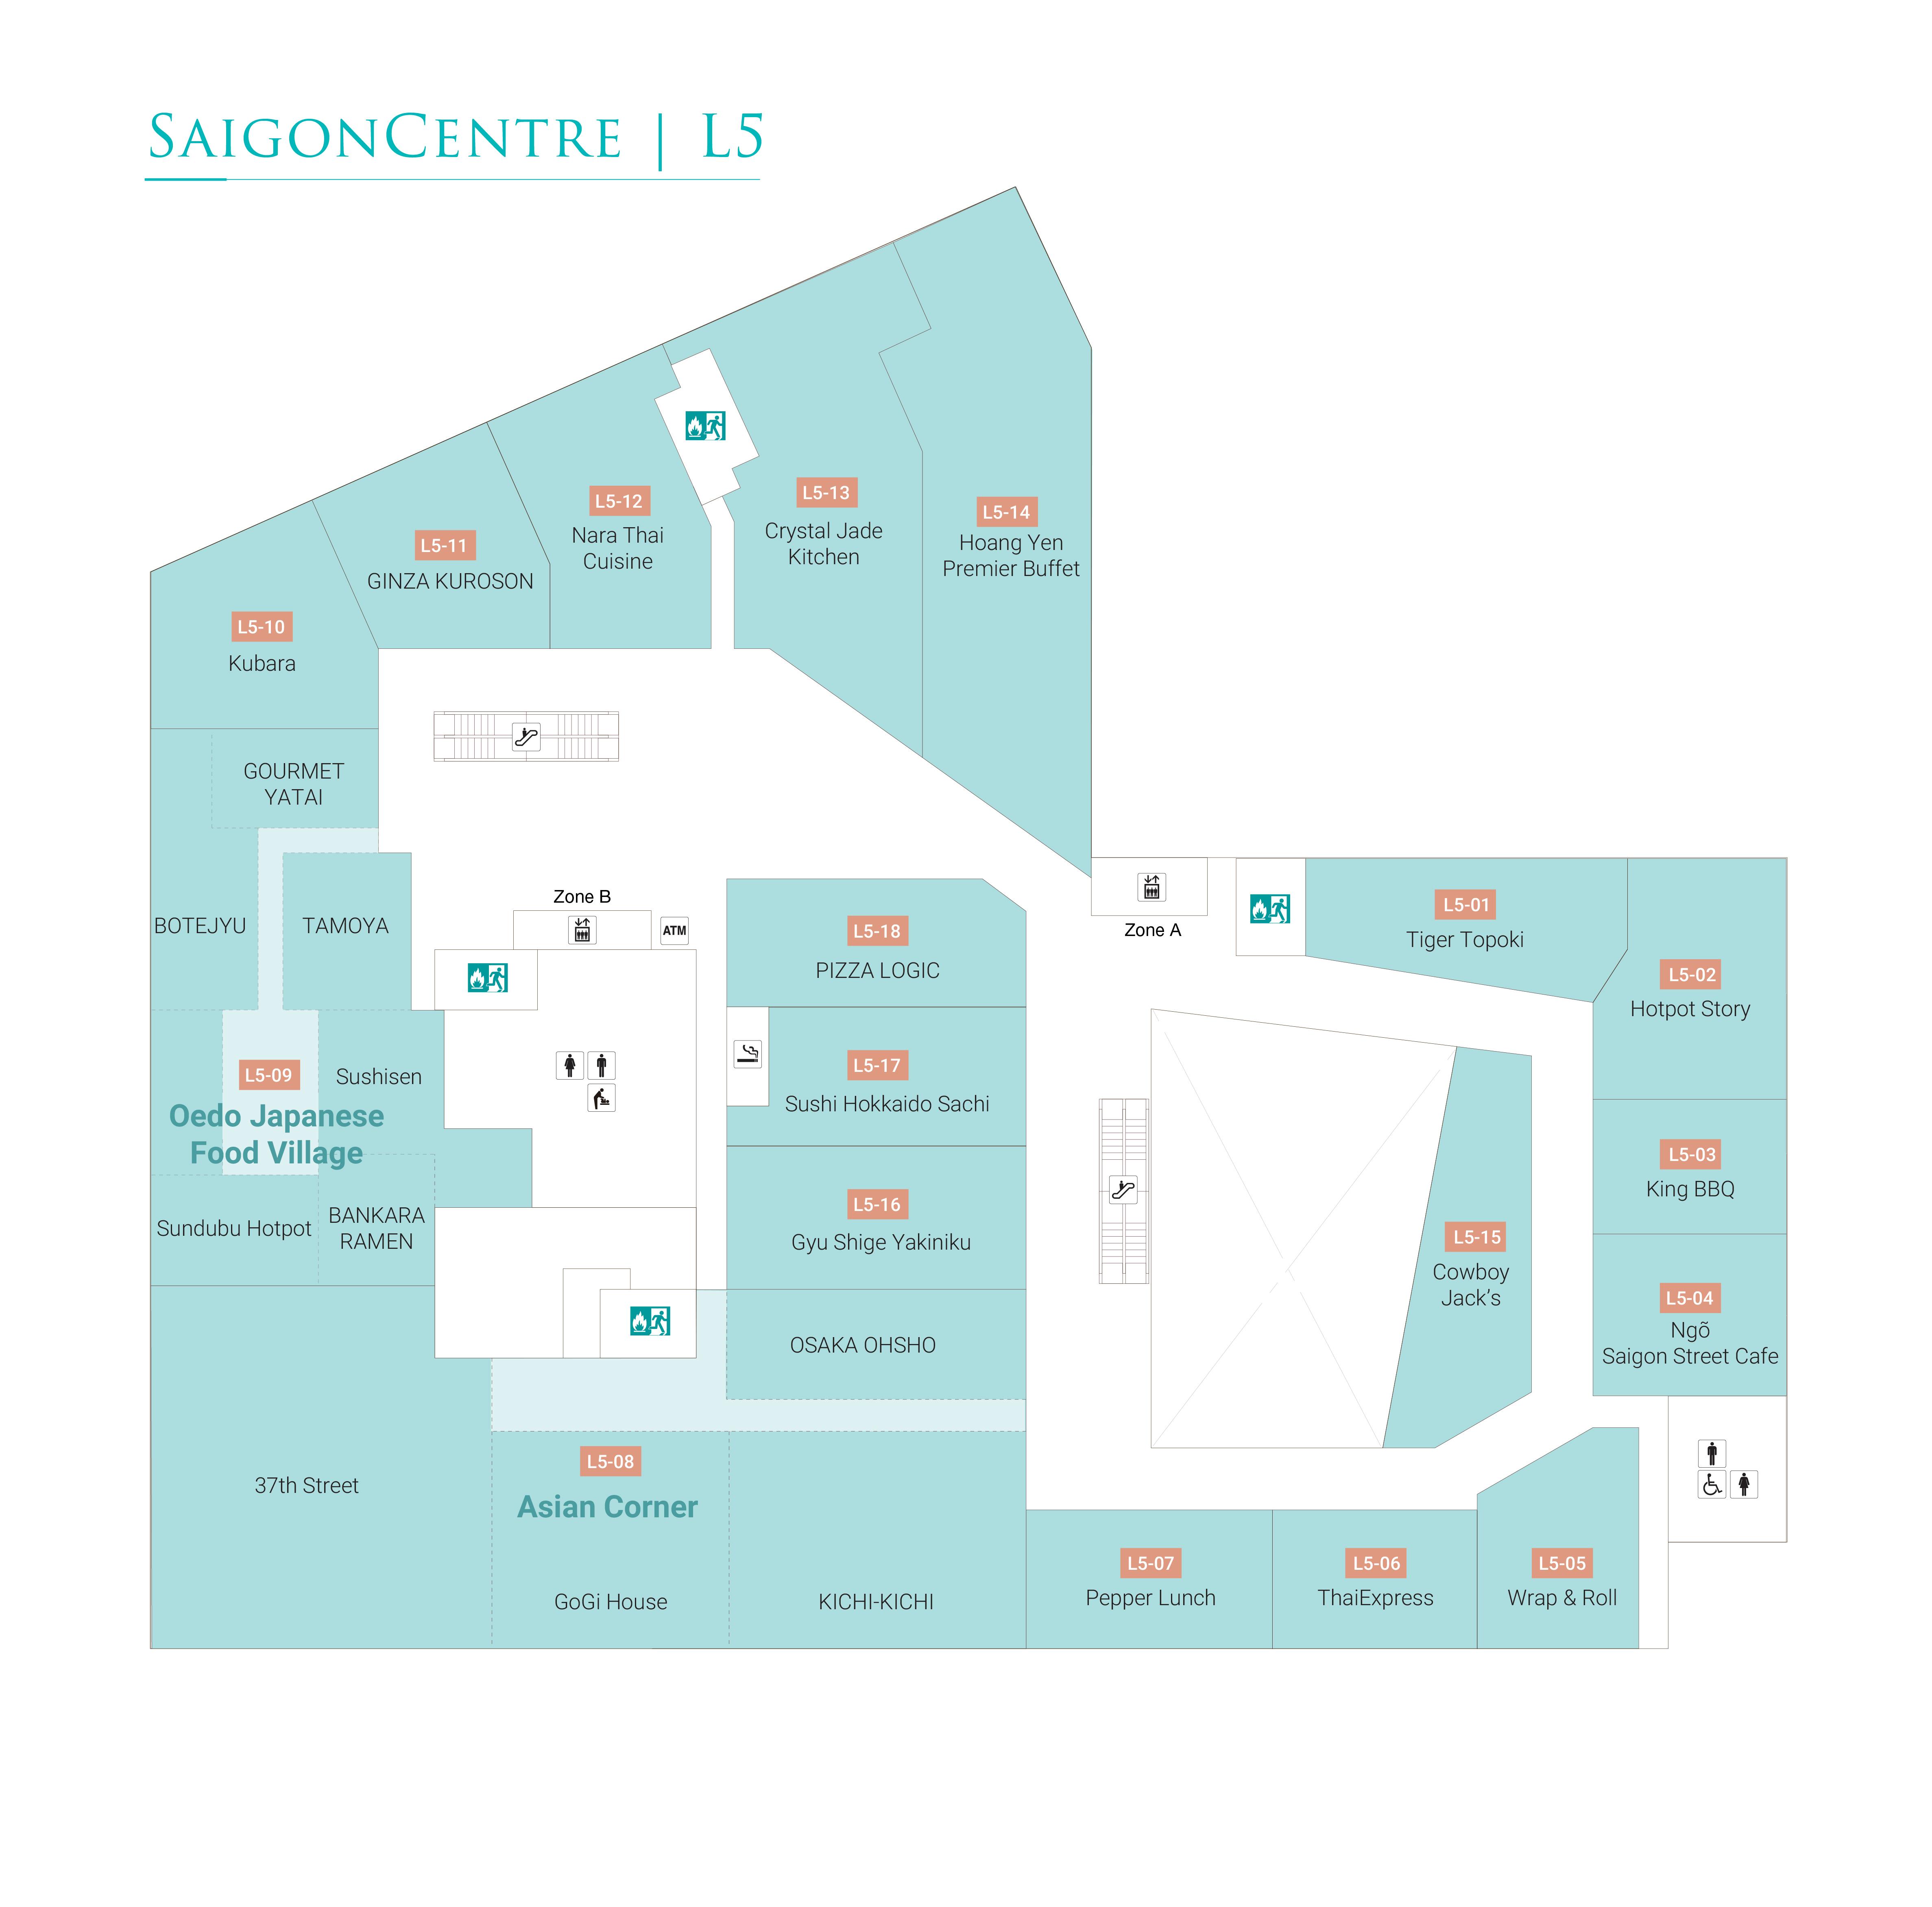 L5(5階) レストラン / カジュアルレストラン / フードコート